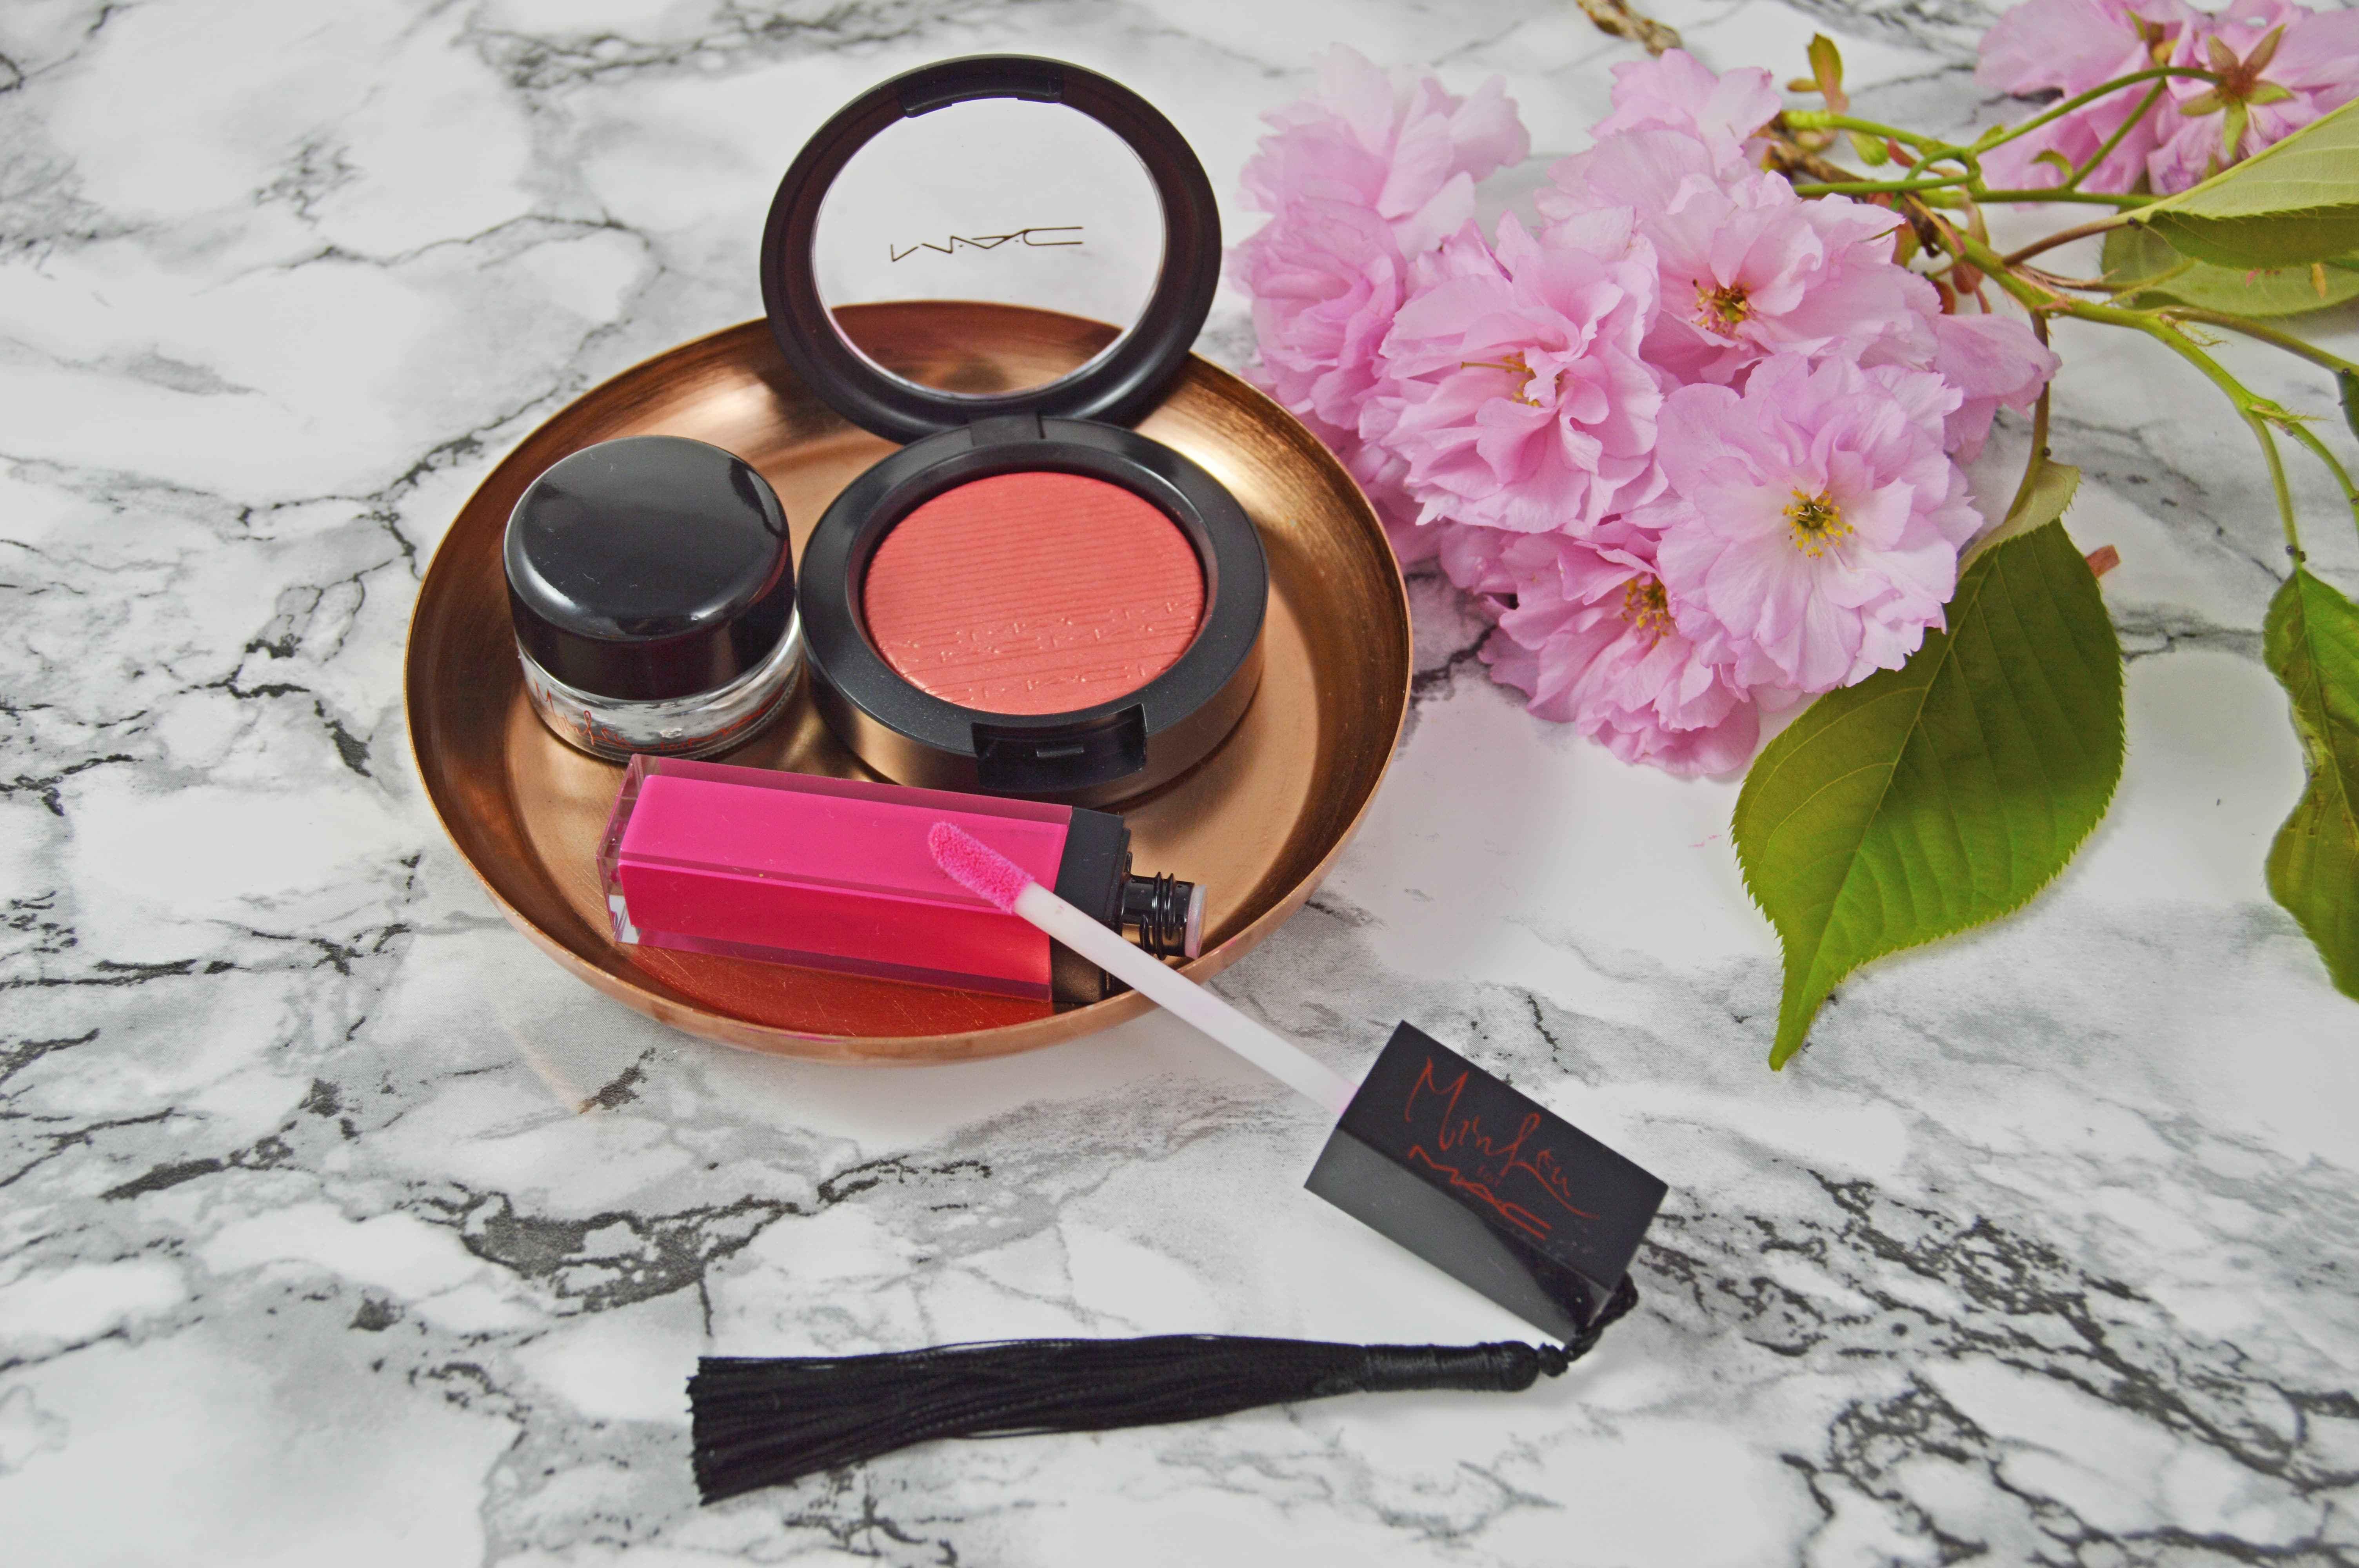 MAC Cosmetics April 2016